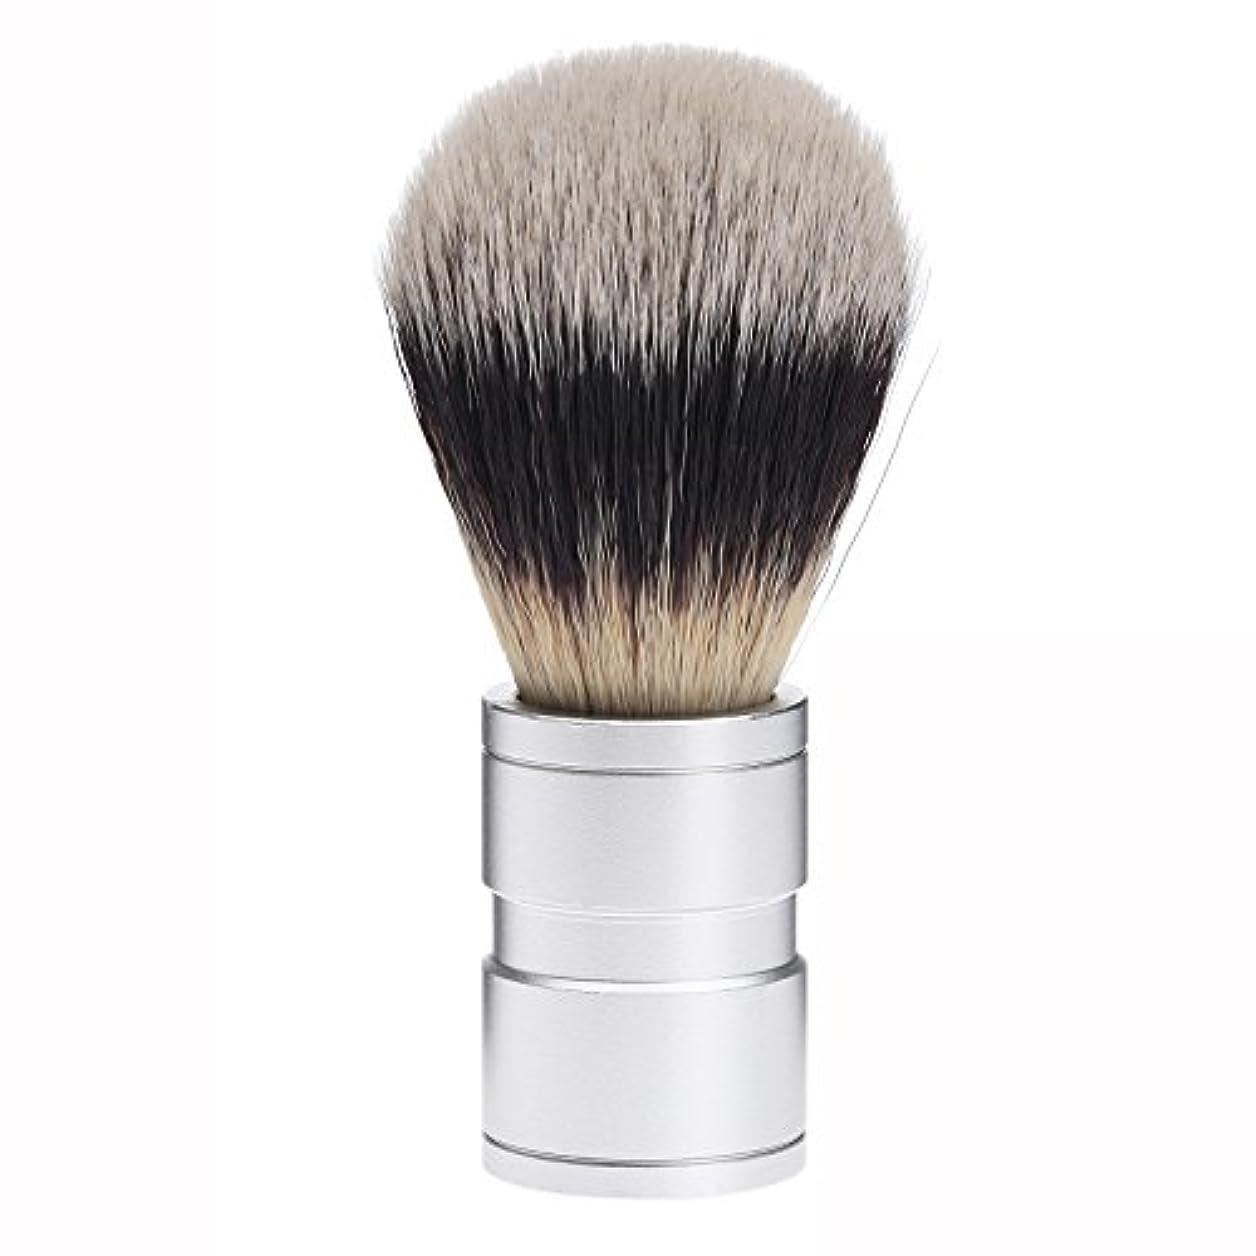 衣装操るインチDophee  シェービング用ブラシ シェービングブラシ メンズ 洗顔ブラシ イミテーションアナグマ毛 ファイン模倣 理容 洗顔 髭剃り